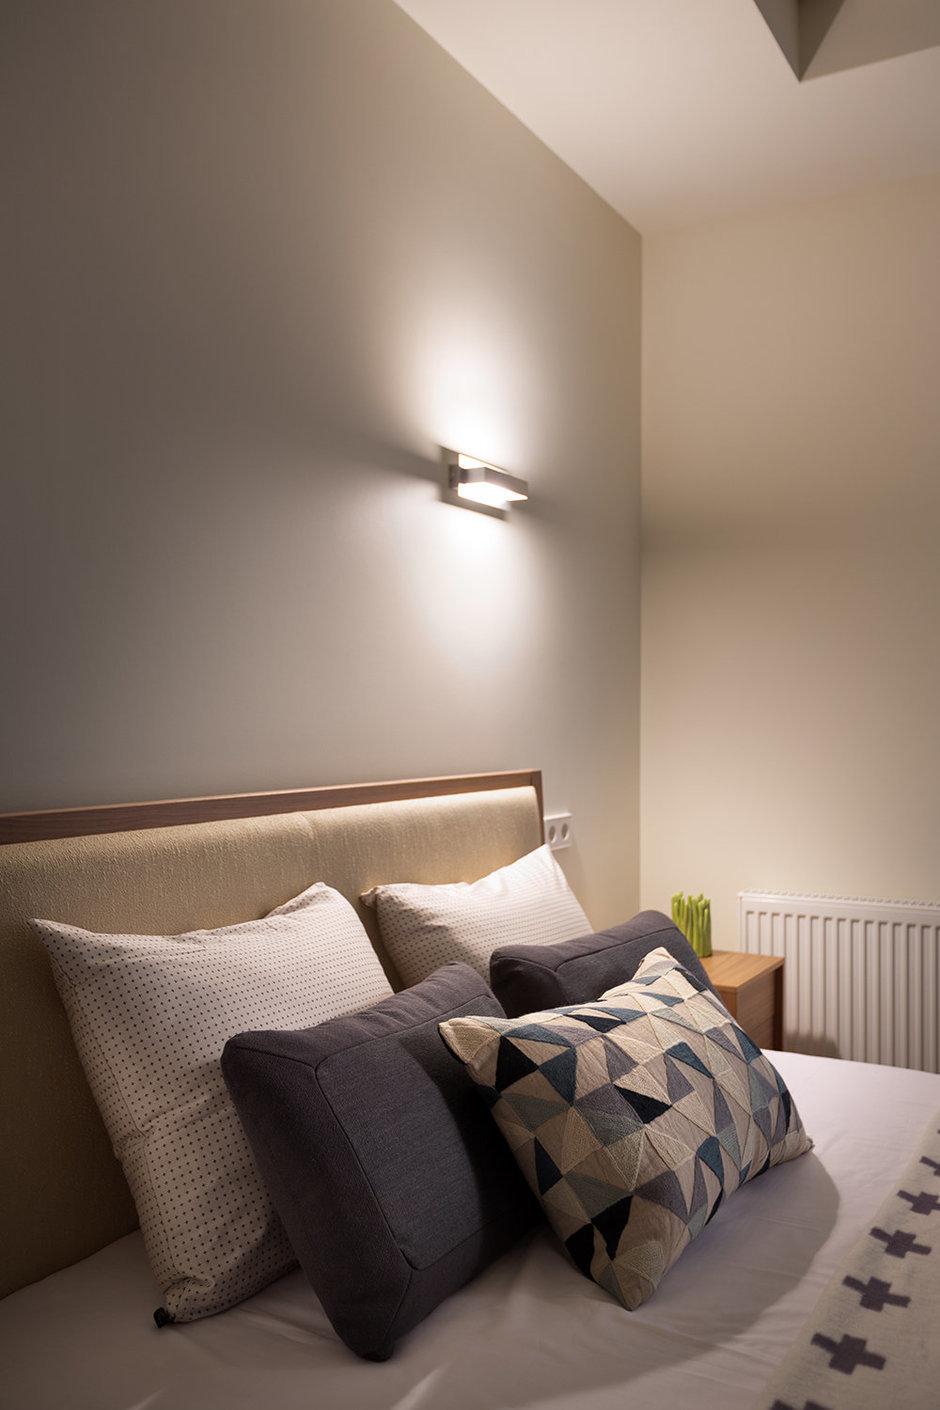 Фотография: Спальня в стиле Современный, Декор интерьера, Квартира, Normann Copenhagen, Vitra, Дома и квартиры, Проект недели, SLV – фото на InMyRoom.ru